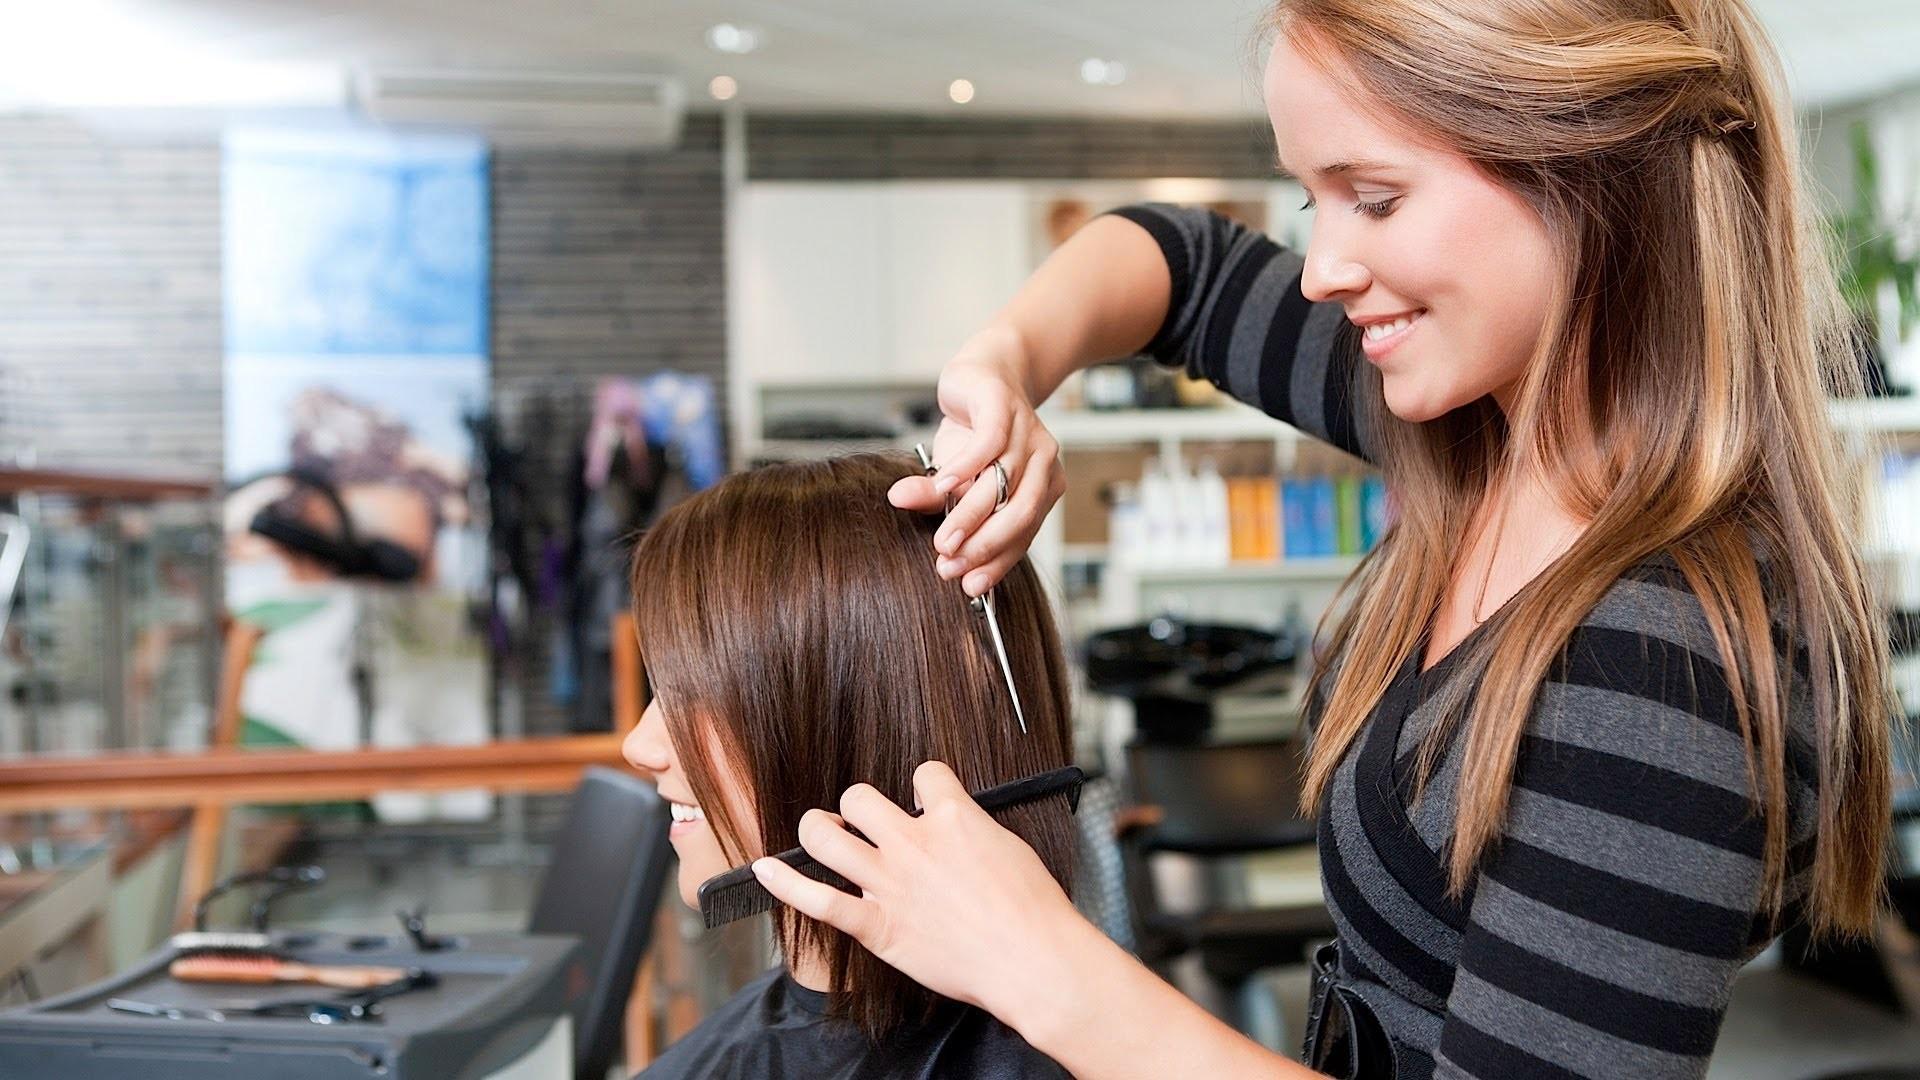 33-339248_1920x1080-hair-care-perm-data-id-86556-data